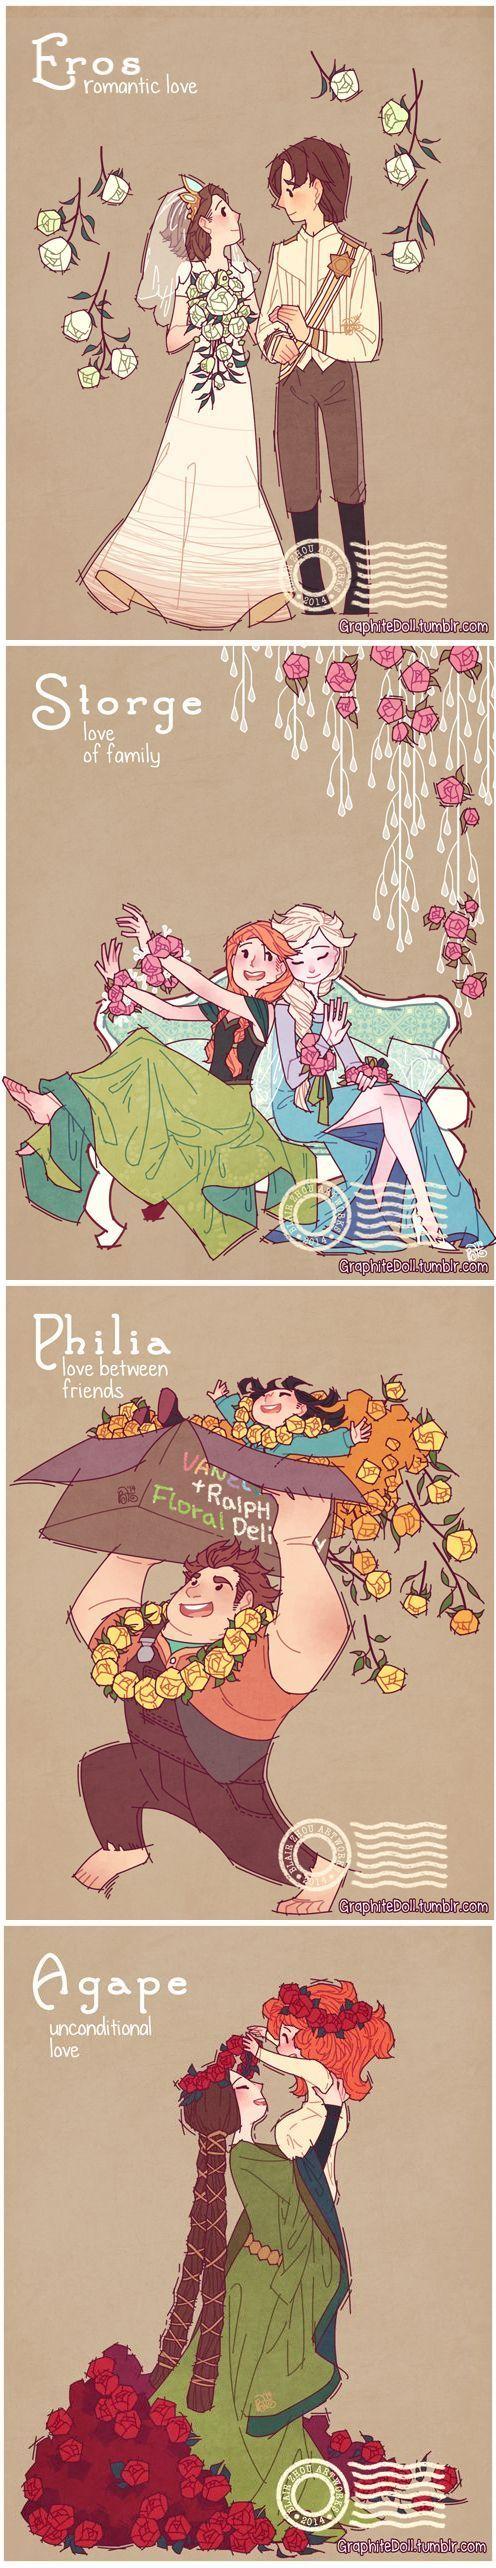 Disney love: